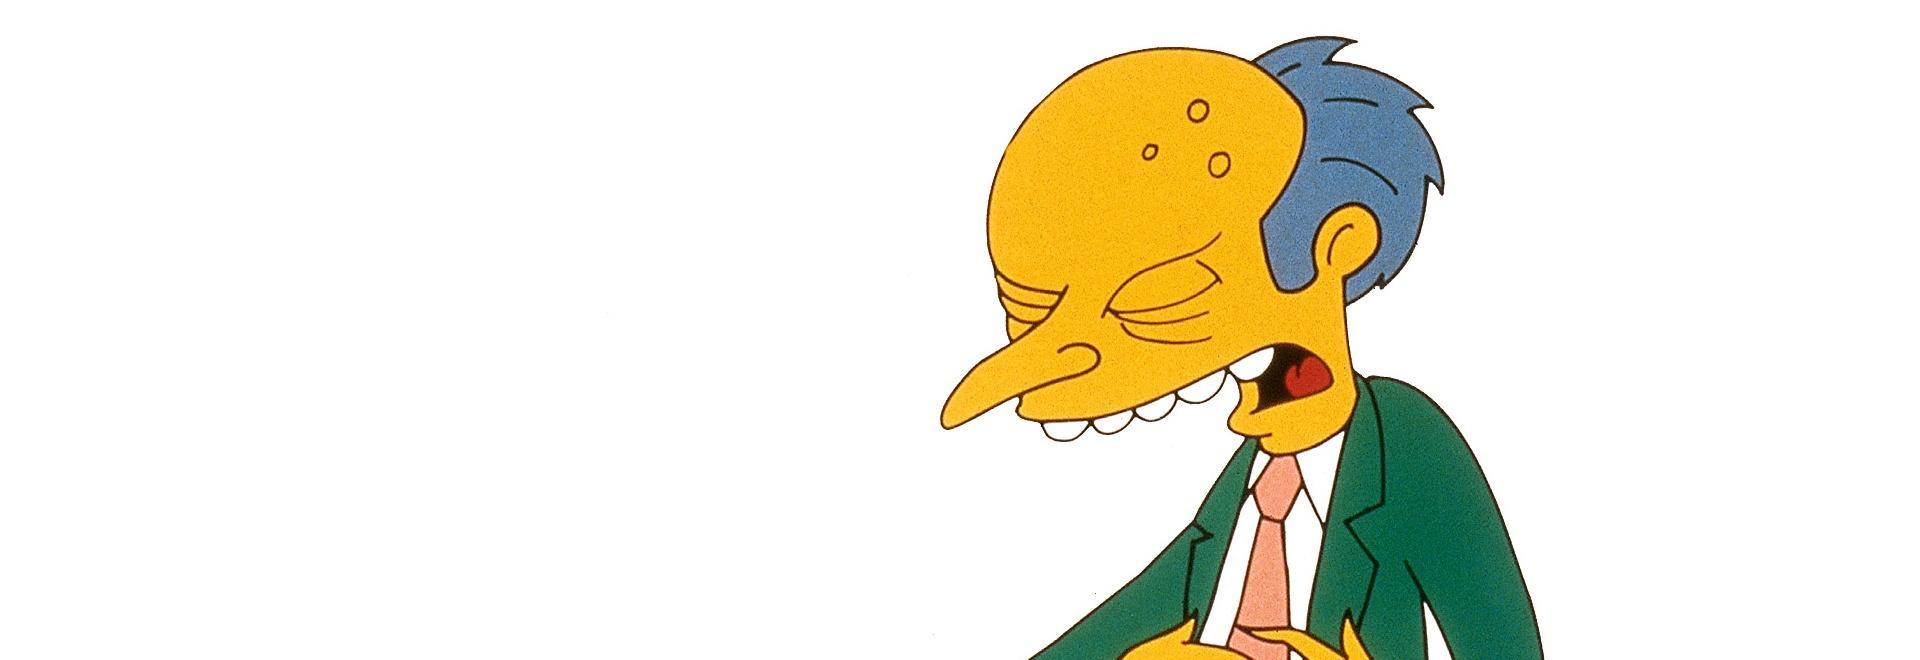 Il mondo iellato di Marge Simpson